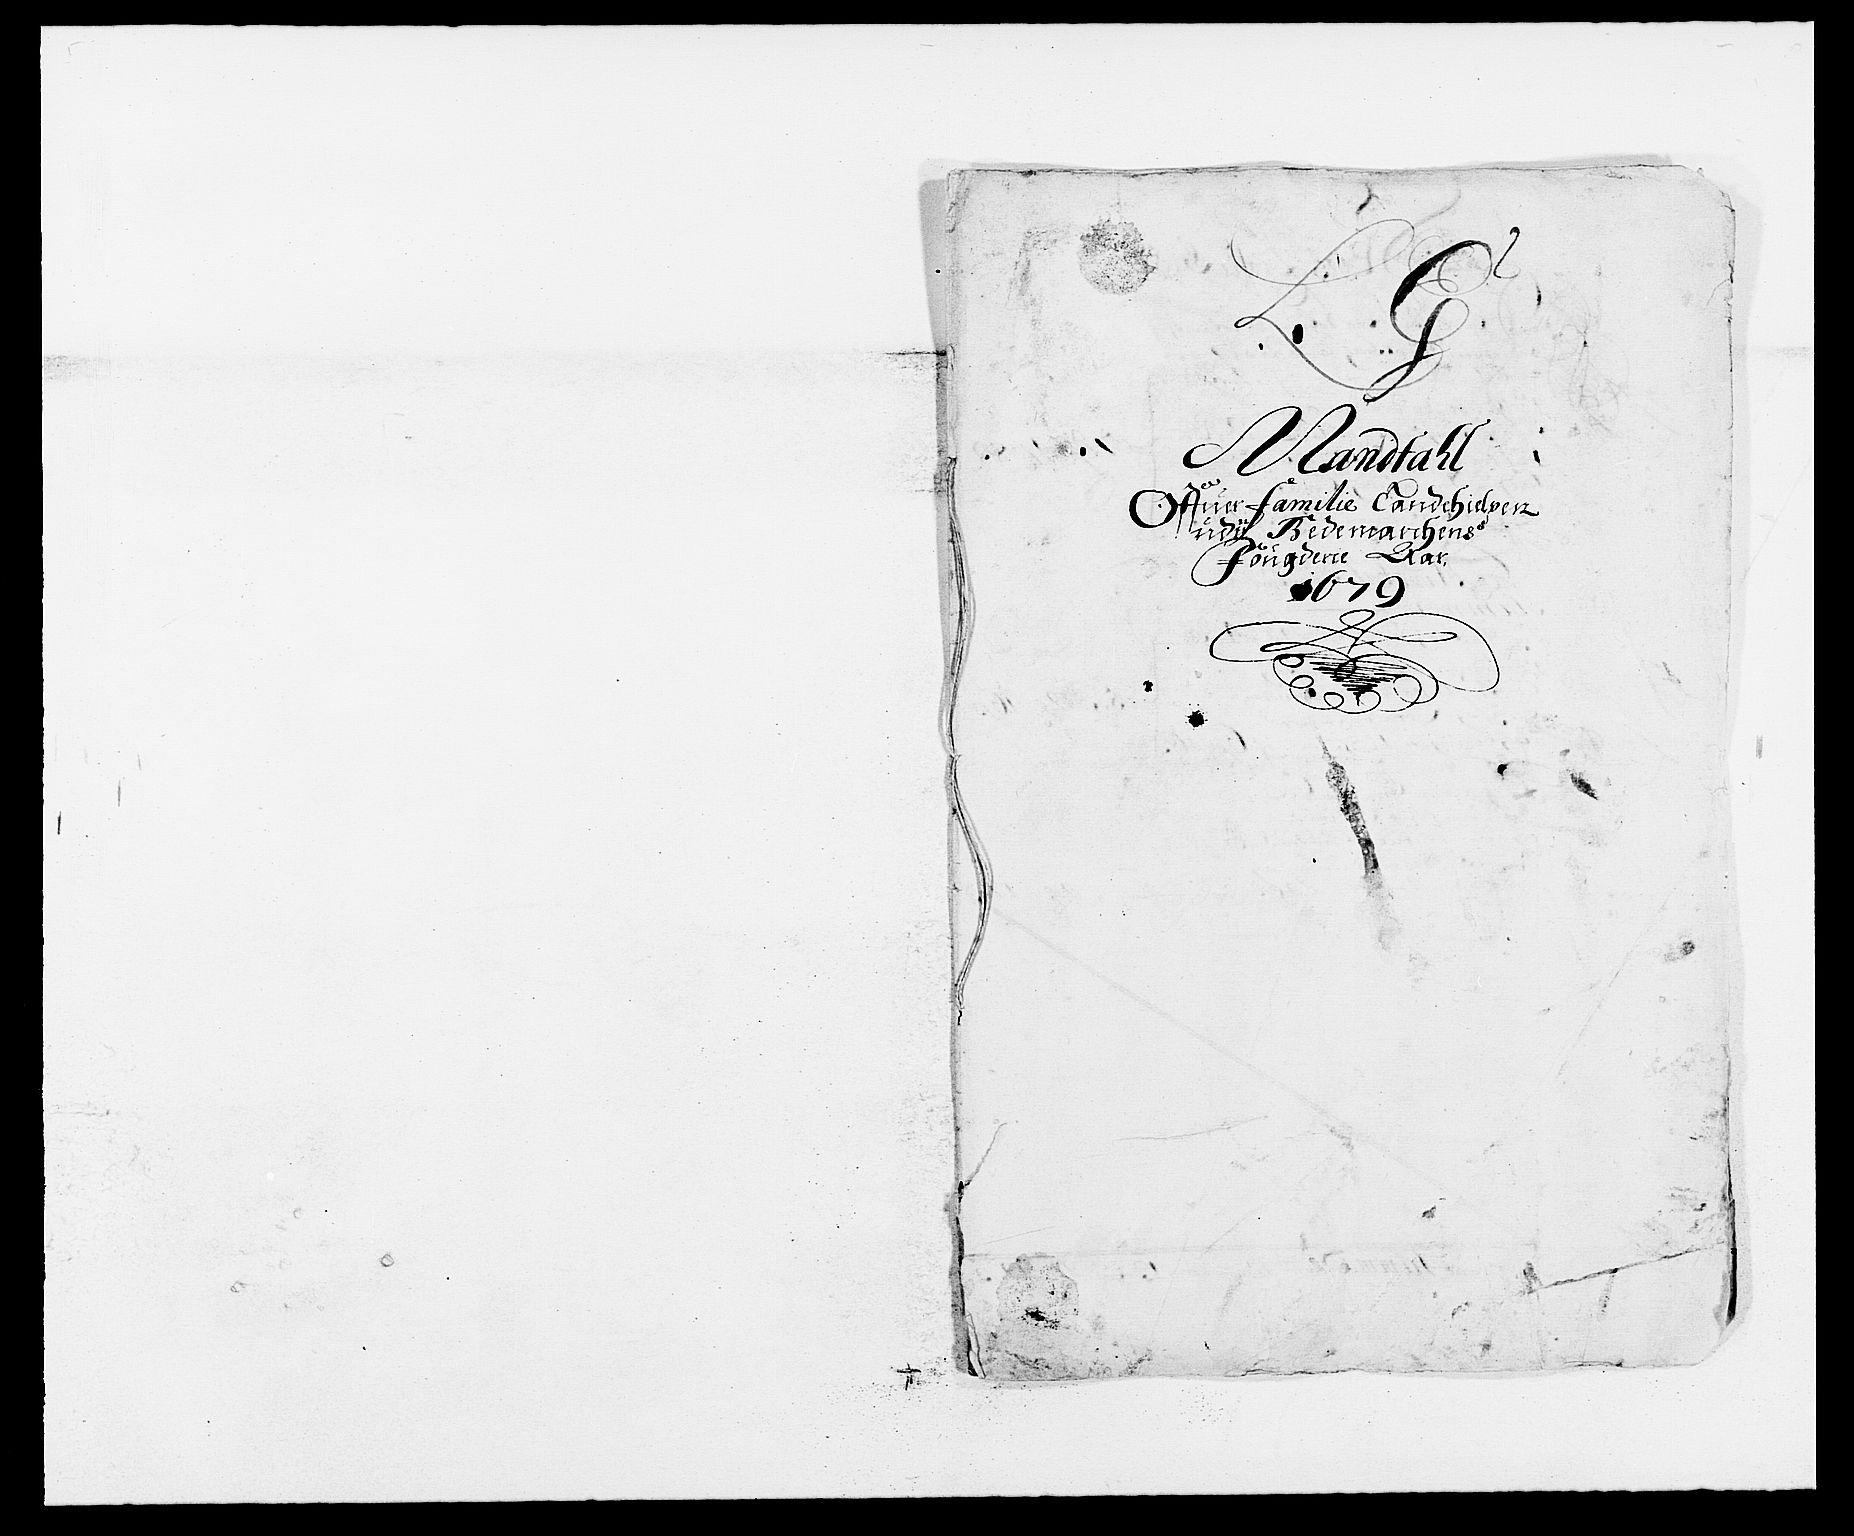 RA, Rentekammeret inntil 1814, Reviderte regnskaper, Fogderegnskap, R16/L1018: Fogderegnskap Hedmark, 1678-1679, s. 226